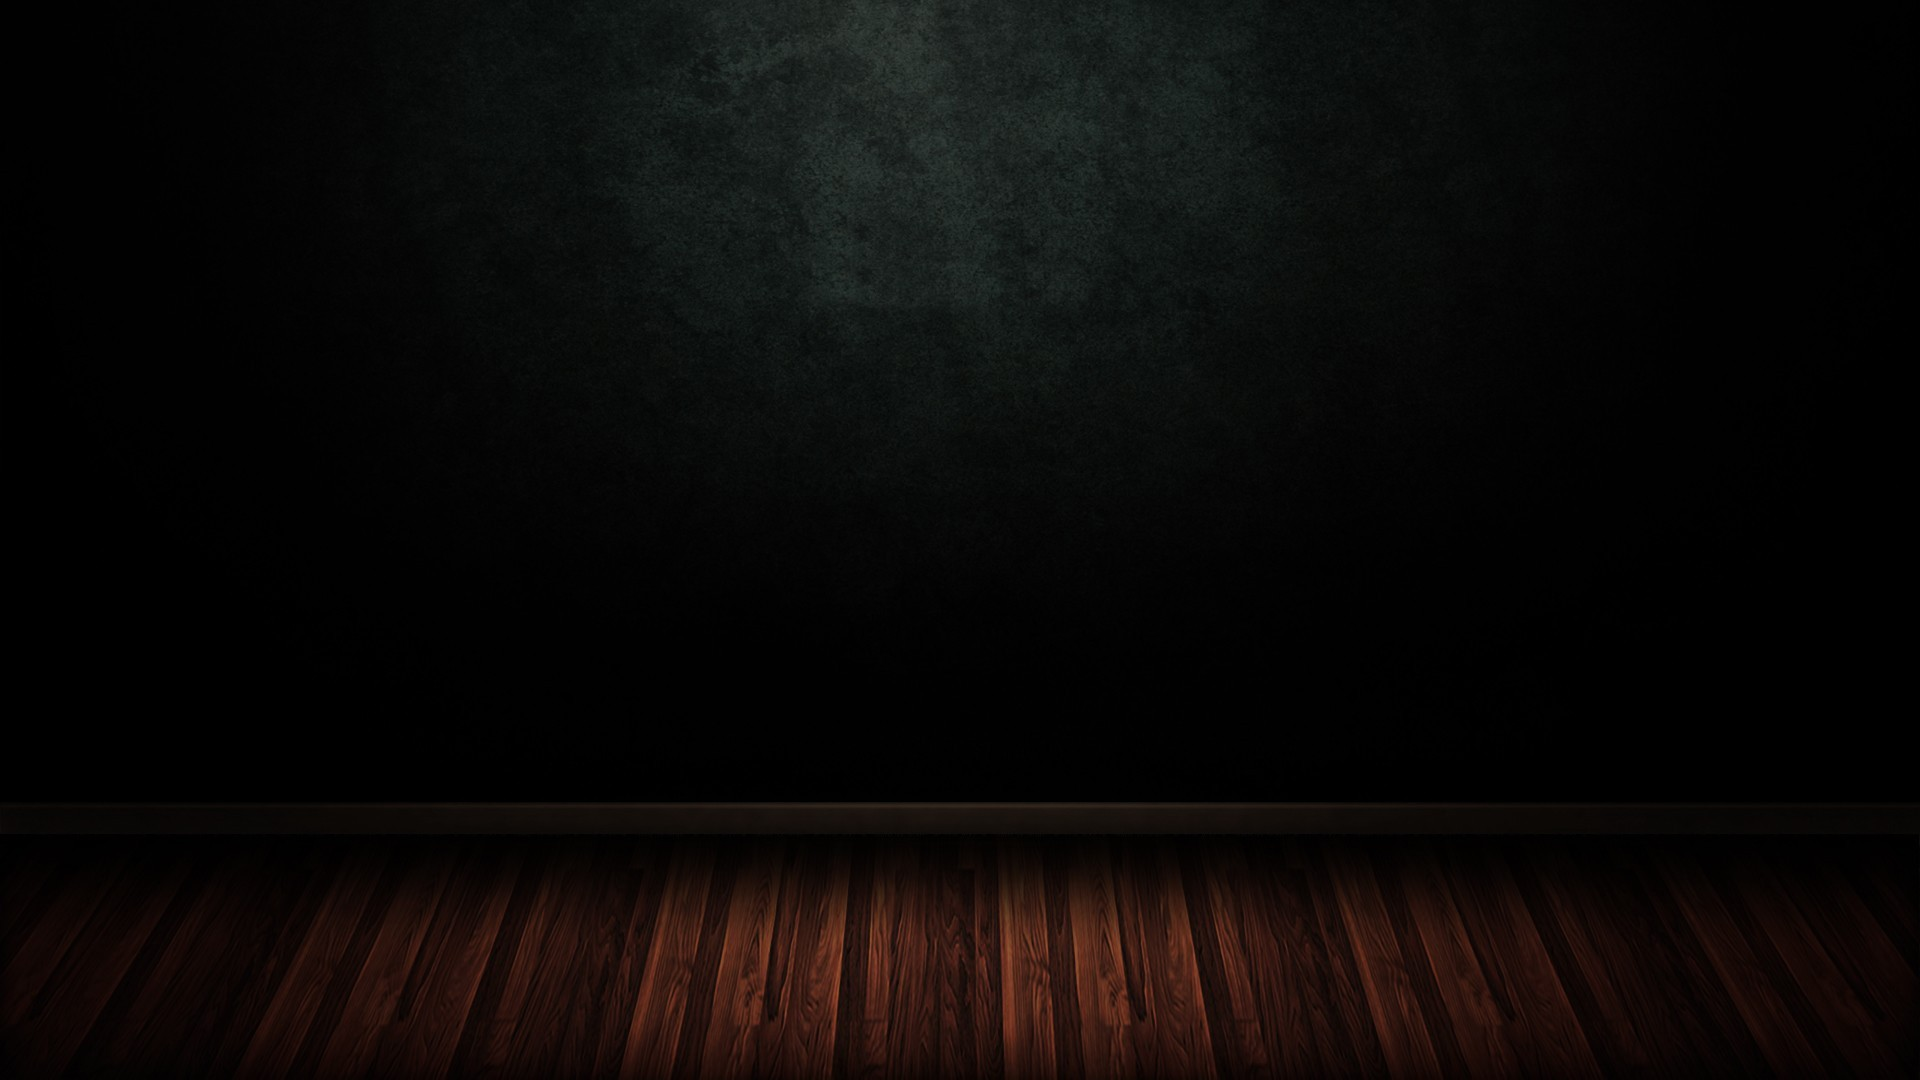 Floor Wall Wallpaper 1920x1080 Floor Wall Textures Backgrounds 1920x1080